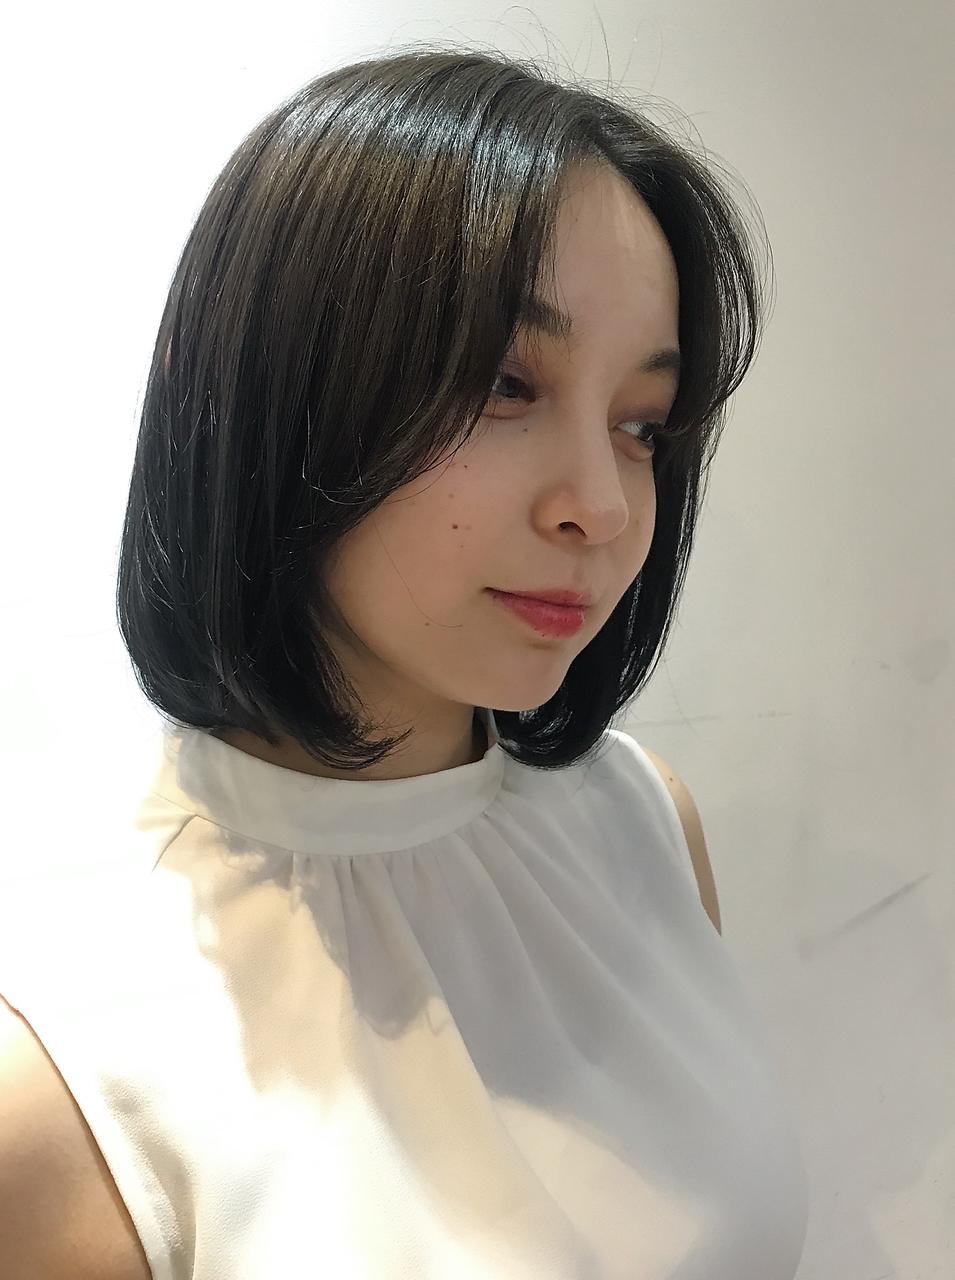 センターパートボブ×ミントアッシュ○暗髪でも透明感○